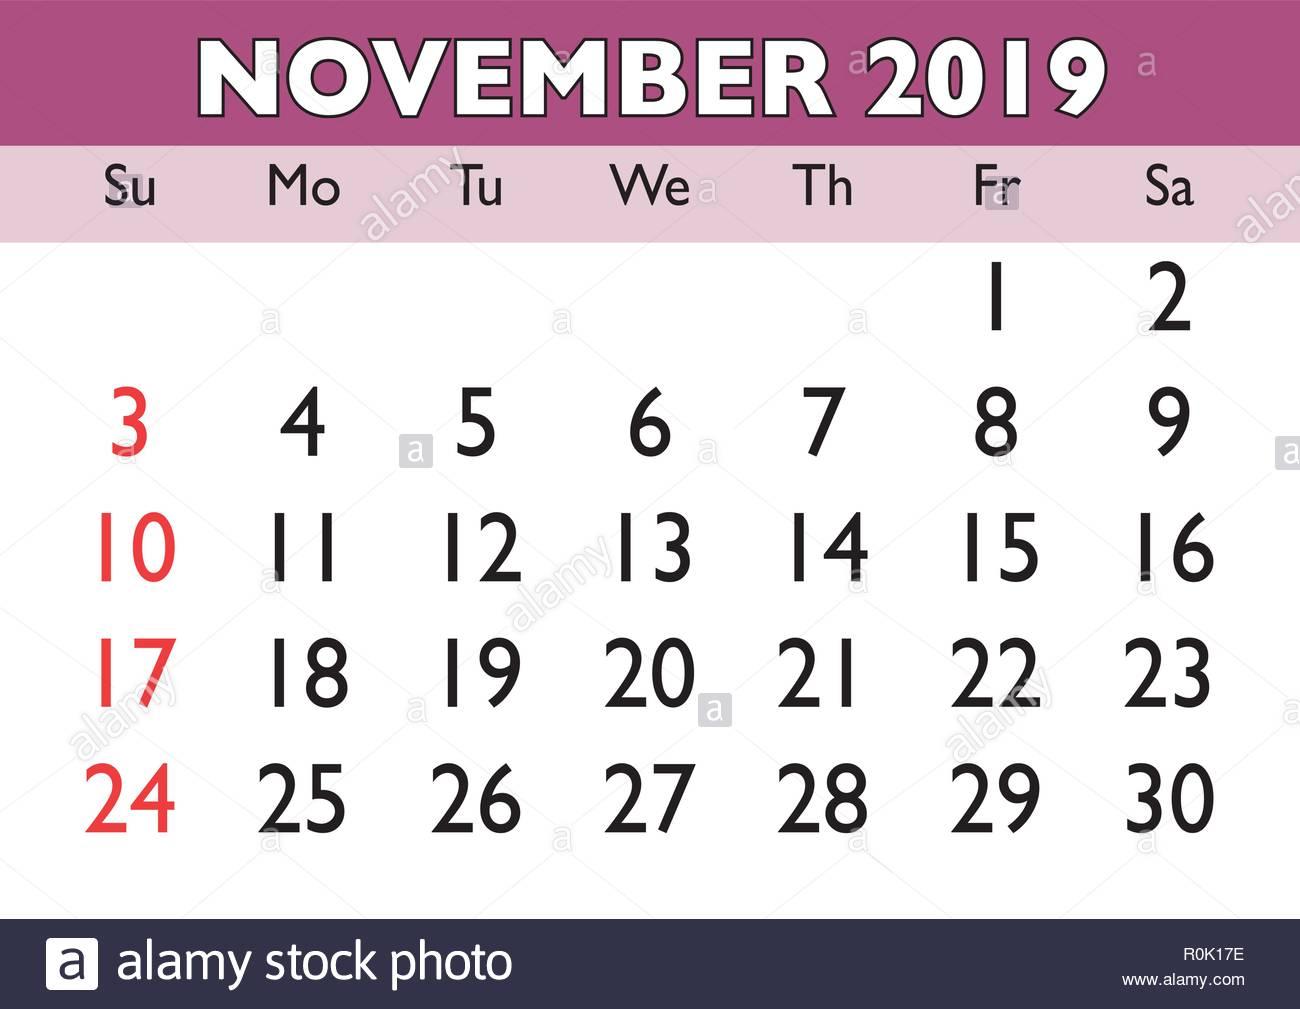 Calendrier Mois De Novembre 2019.Calendrier Mois De Novembre 2019 Vector Version Calendrier